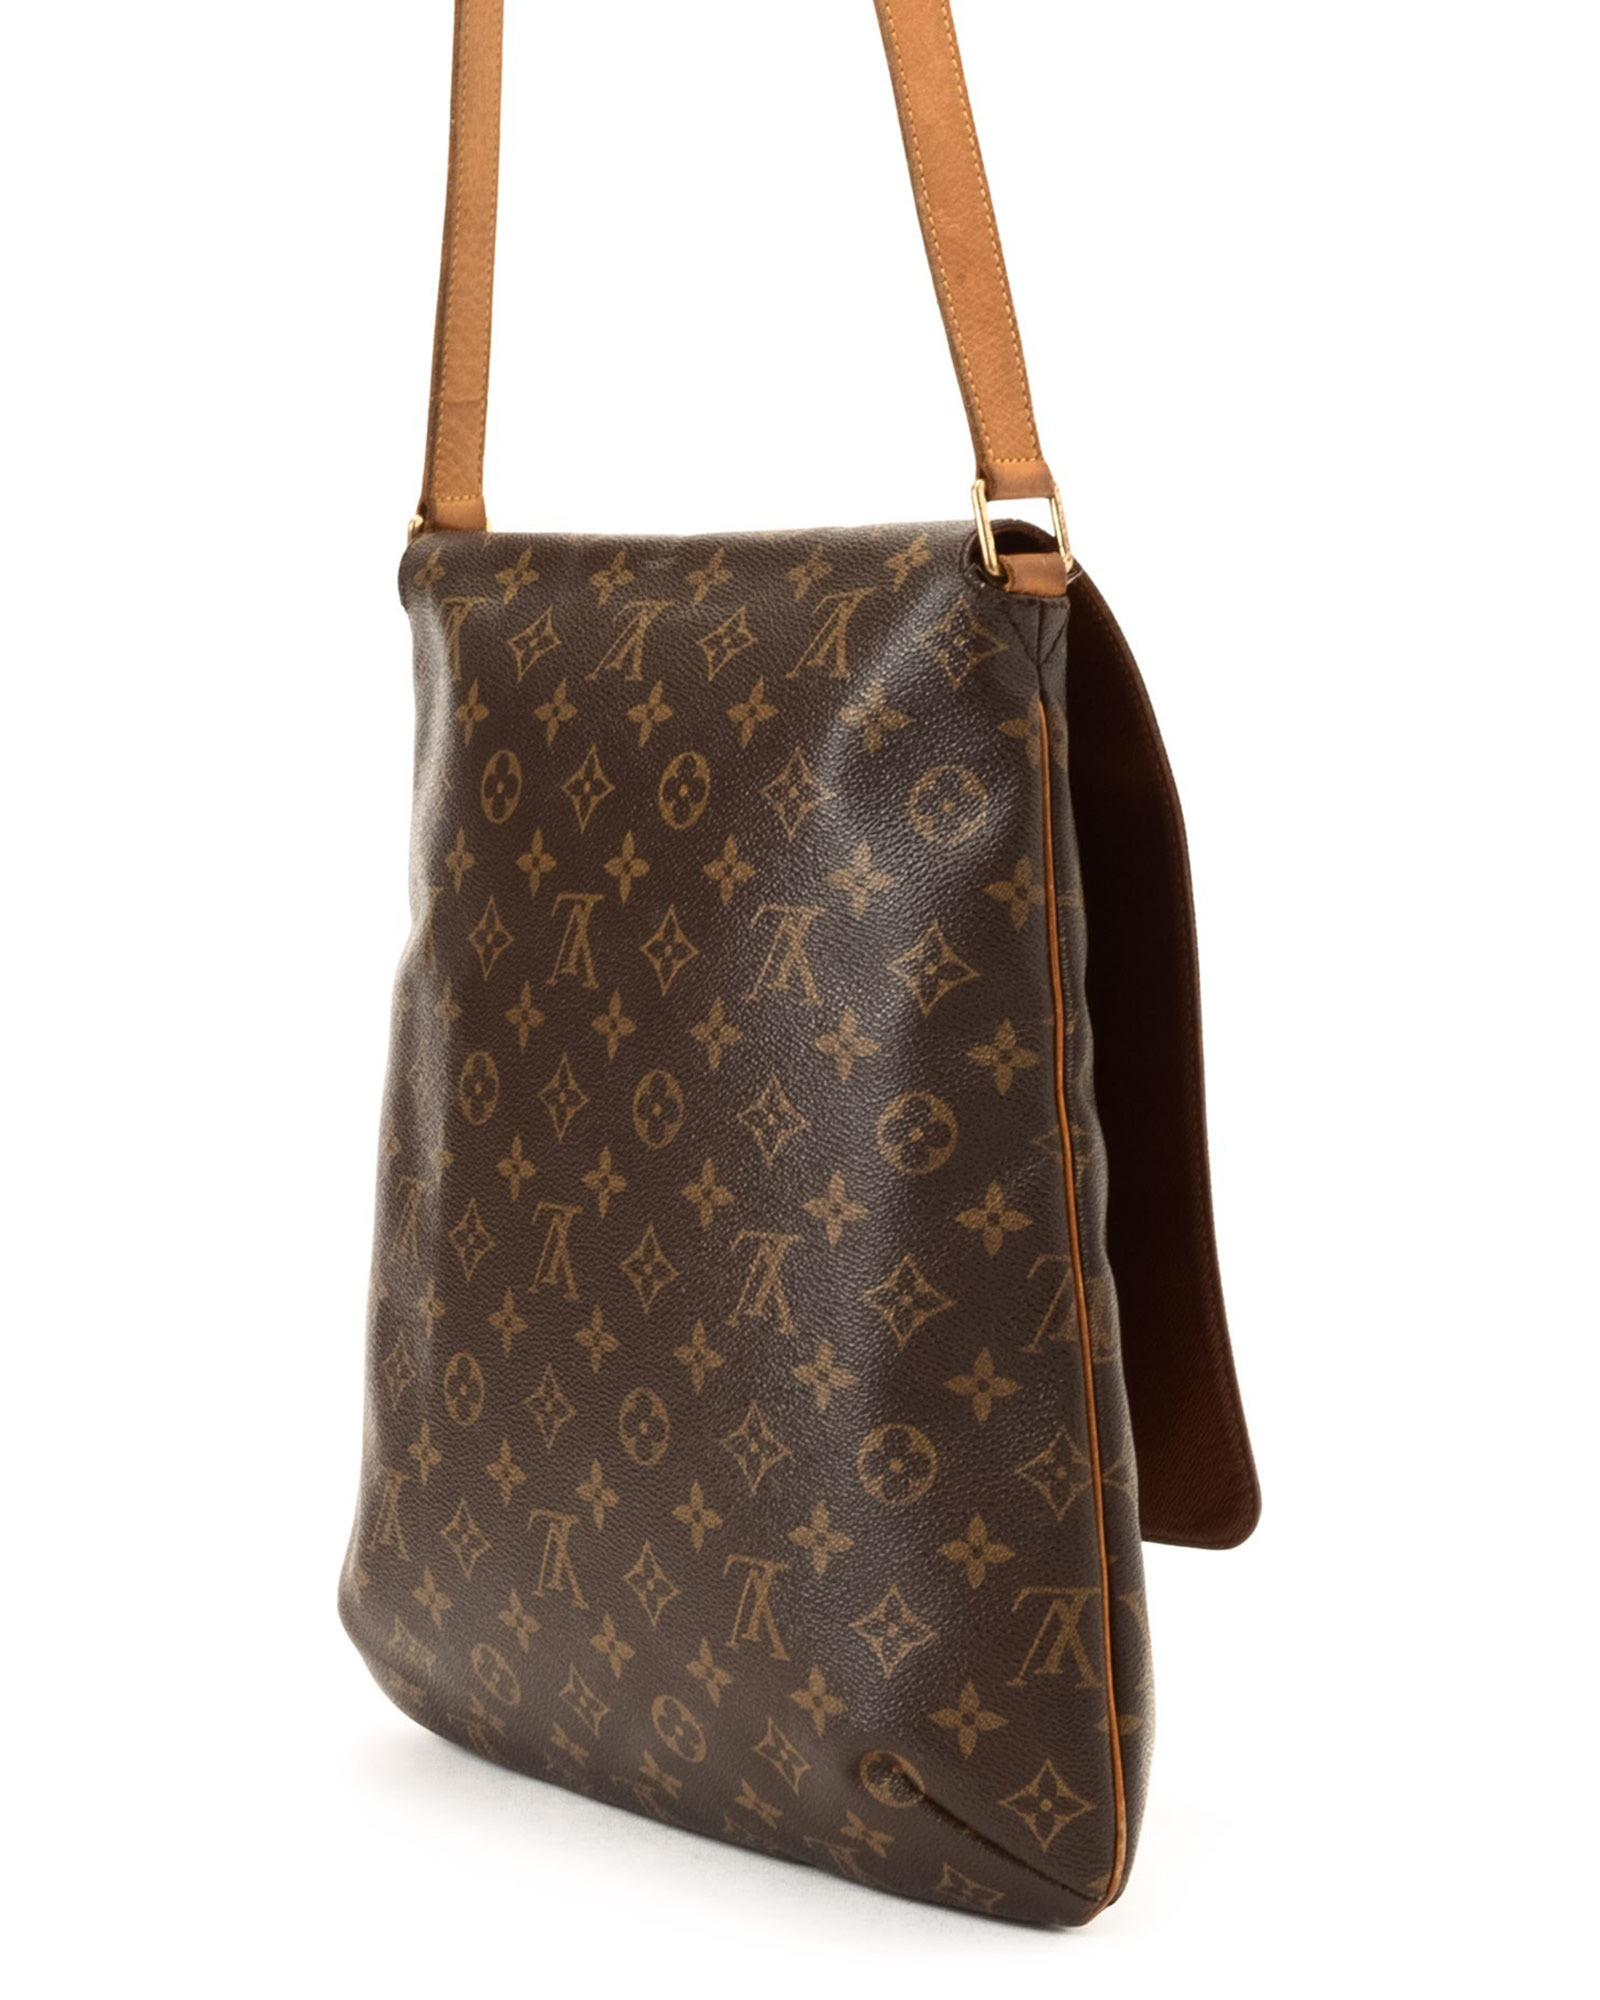 Lyst - Louis Vuitton Brown Shoulder Bag - Vintage in Brown